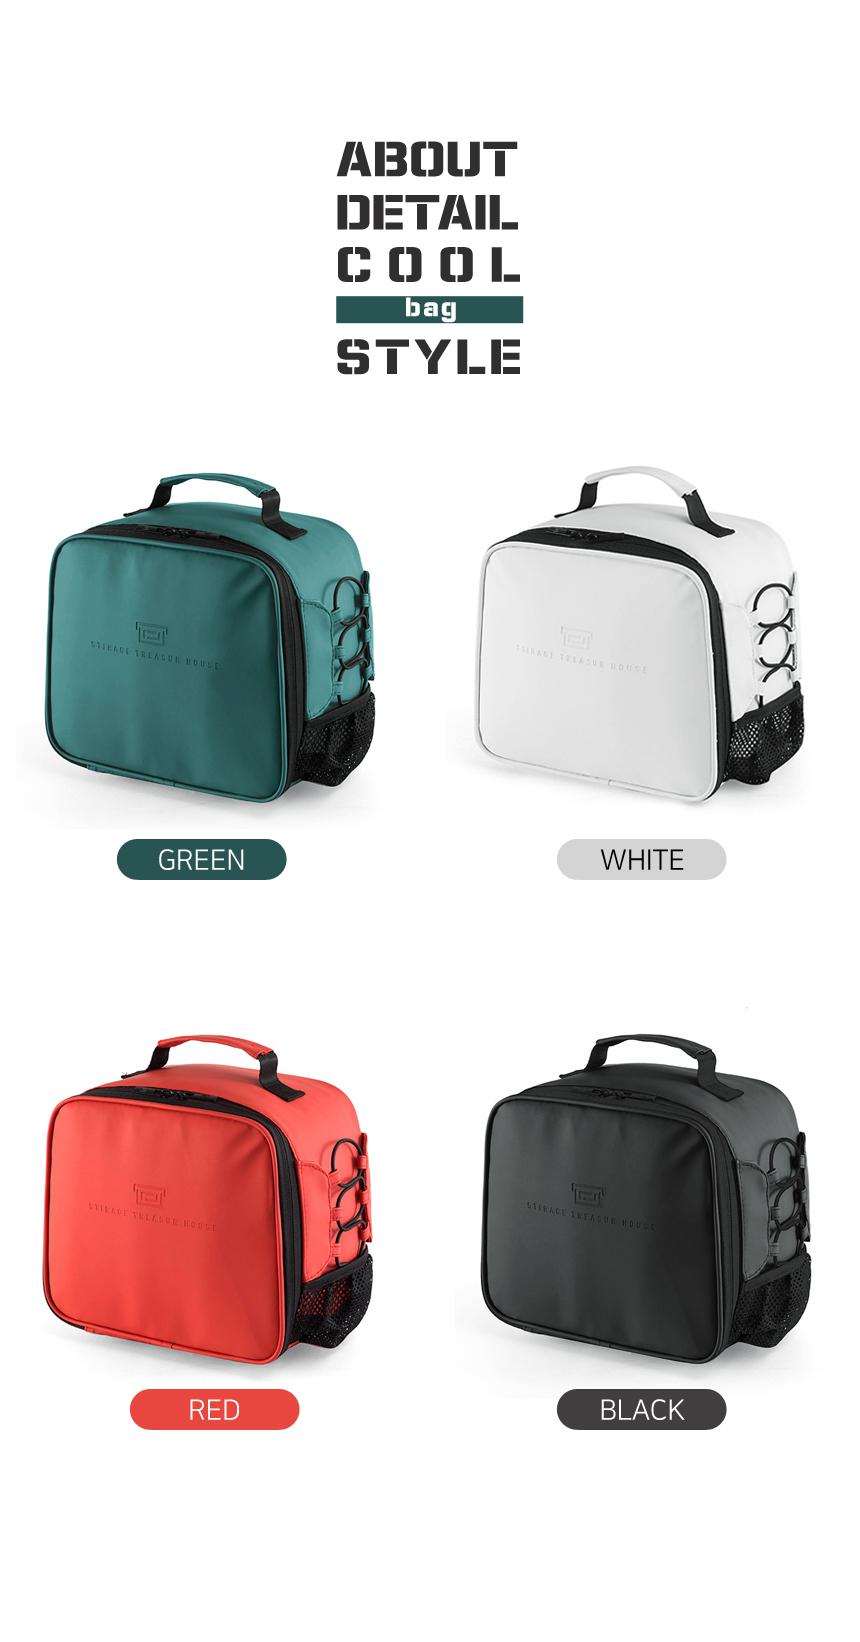 에코팩토리 포터블 보온가방 보냉백 ECO-0827 - 에코팩토리, 15,800원, 가방/수납, 보온/보냉가방